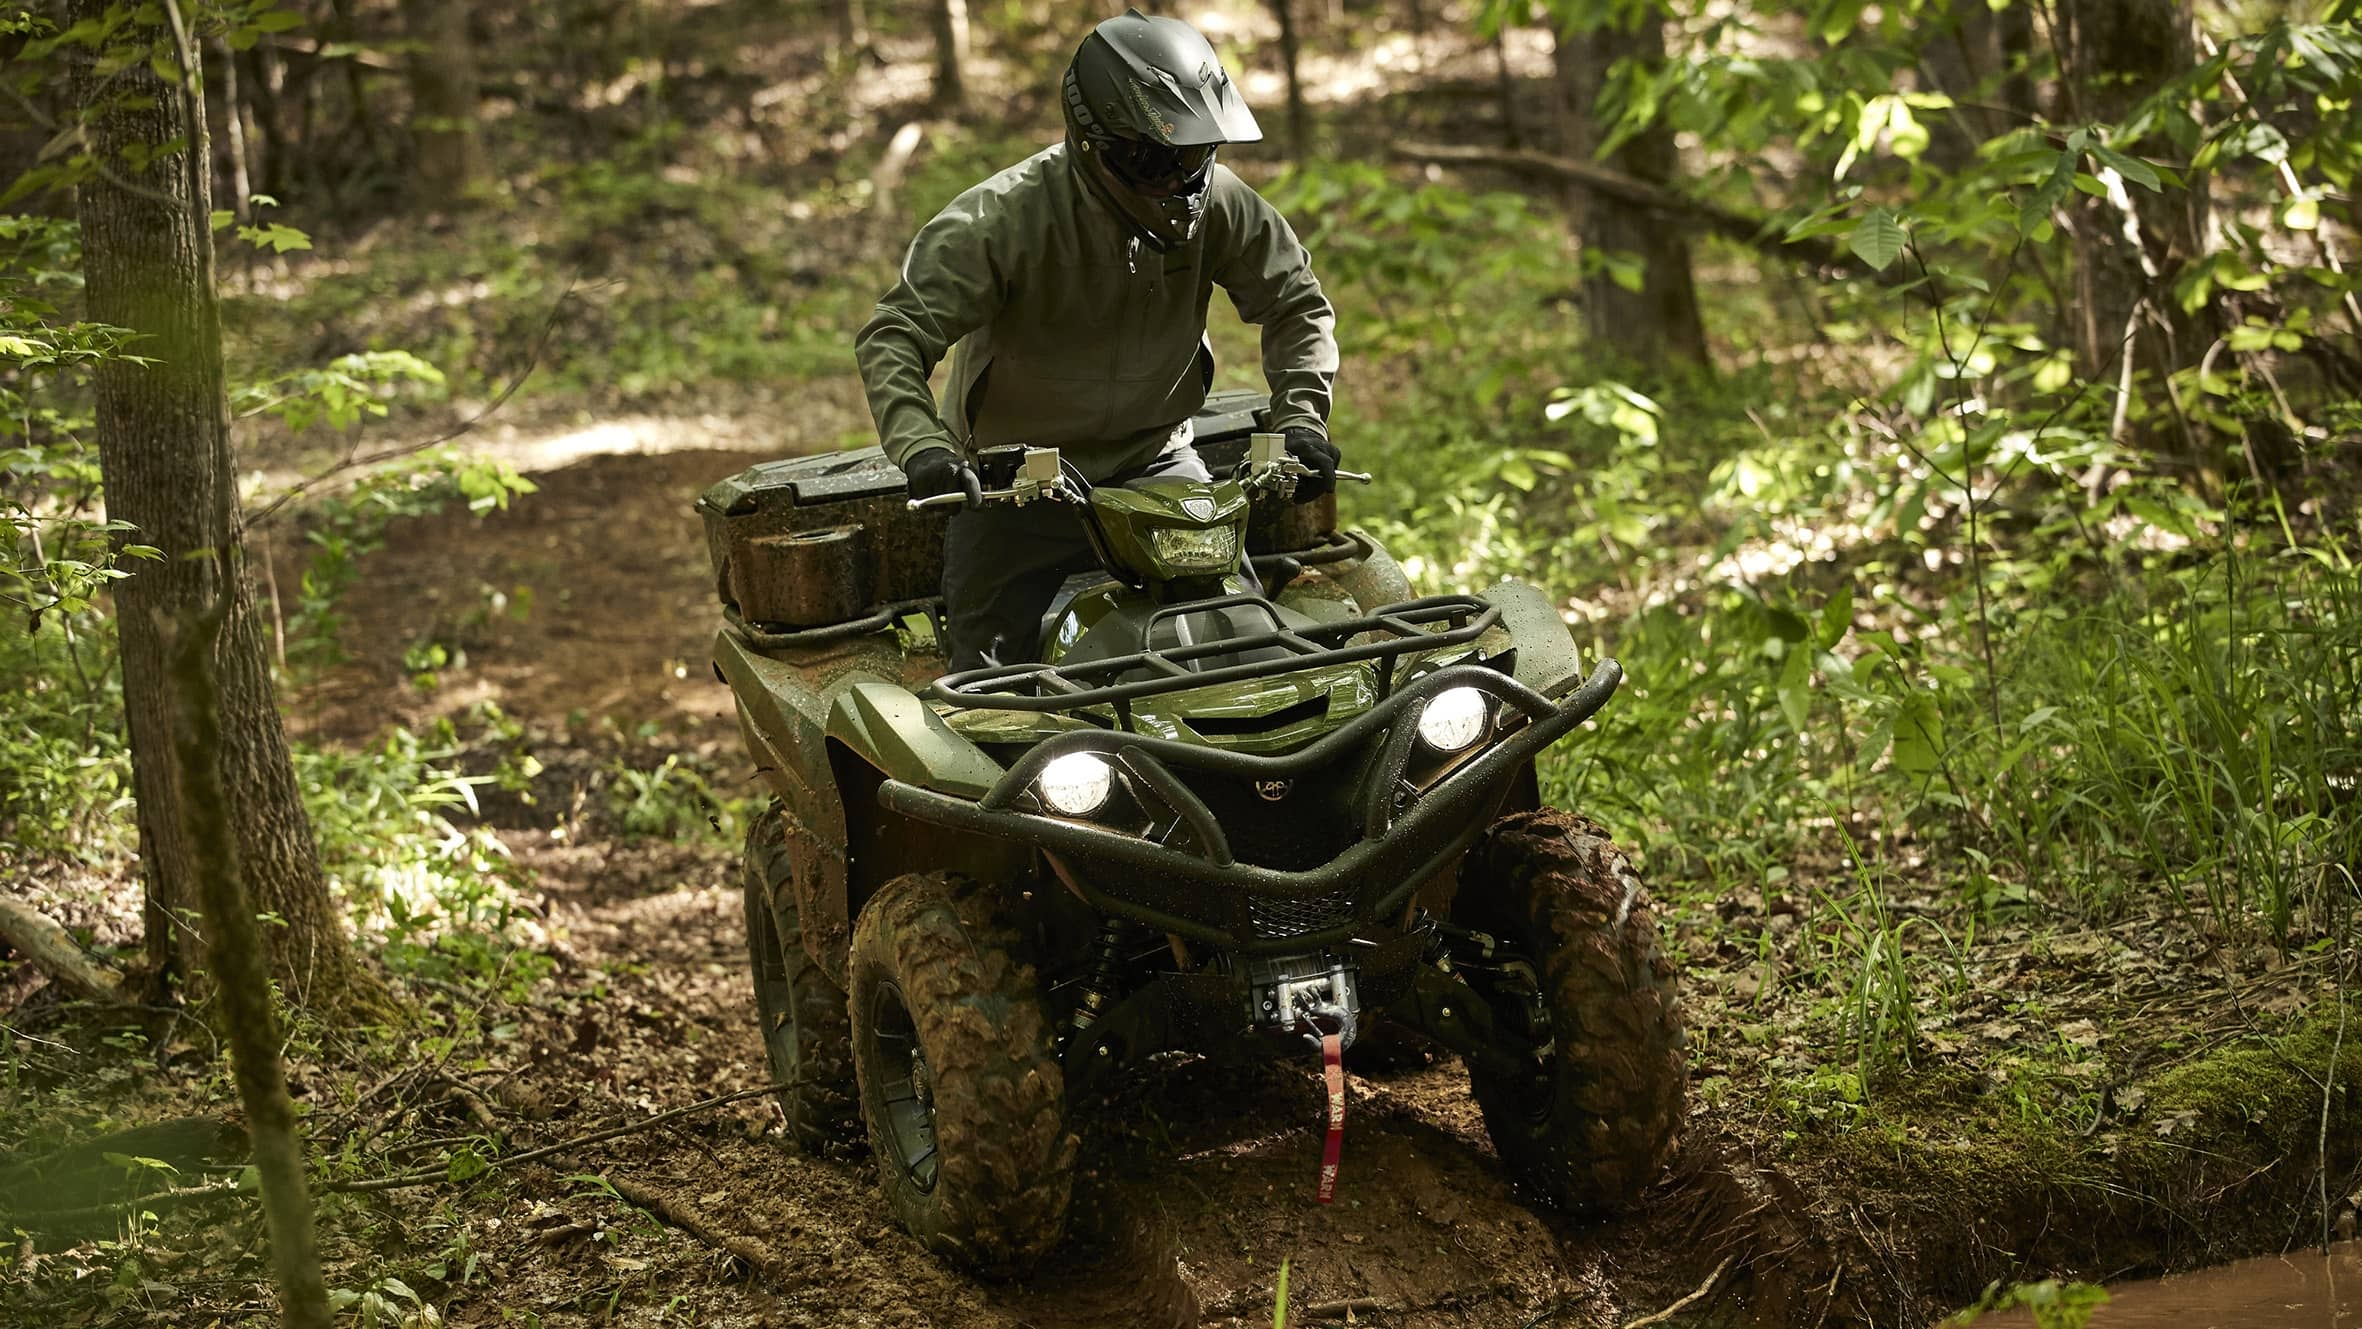 New 2021 Yamaha ATV line up announced